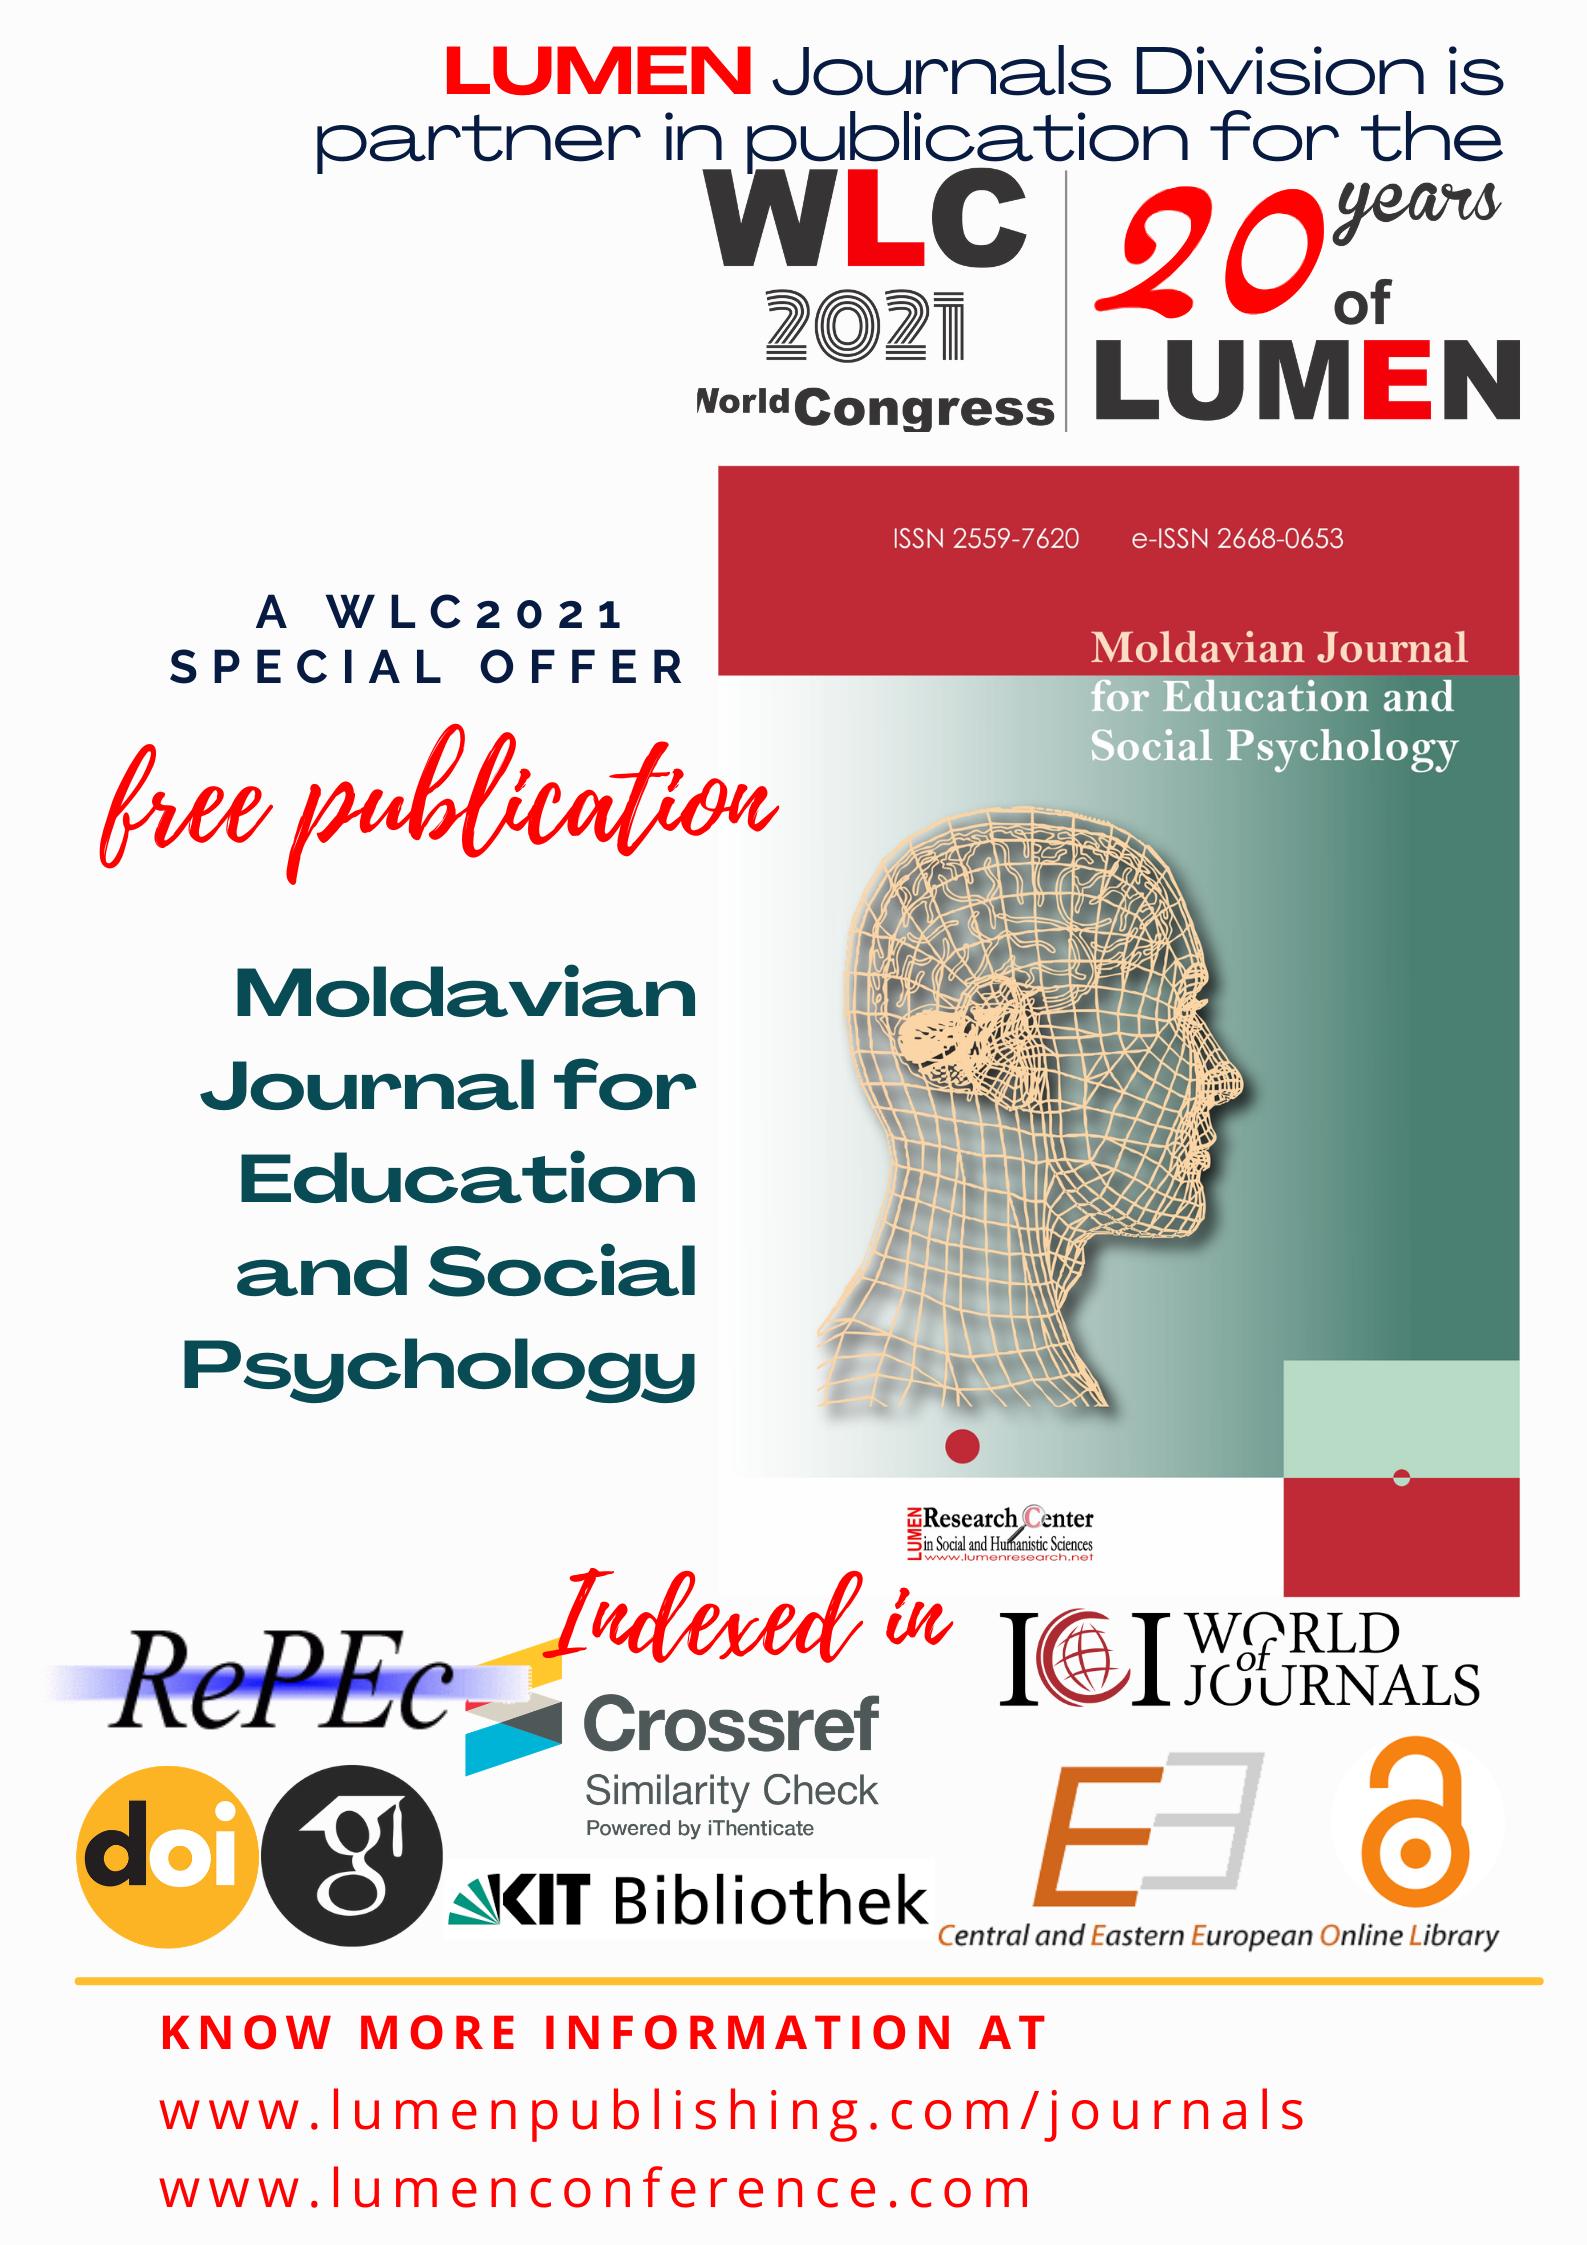 Publish your work with LUMEN MJESP WLC2021LUMEN journals